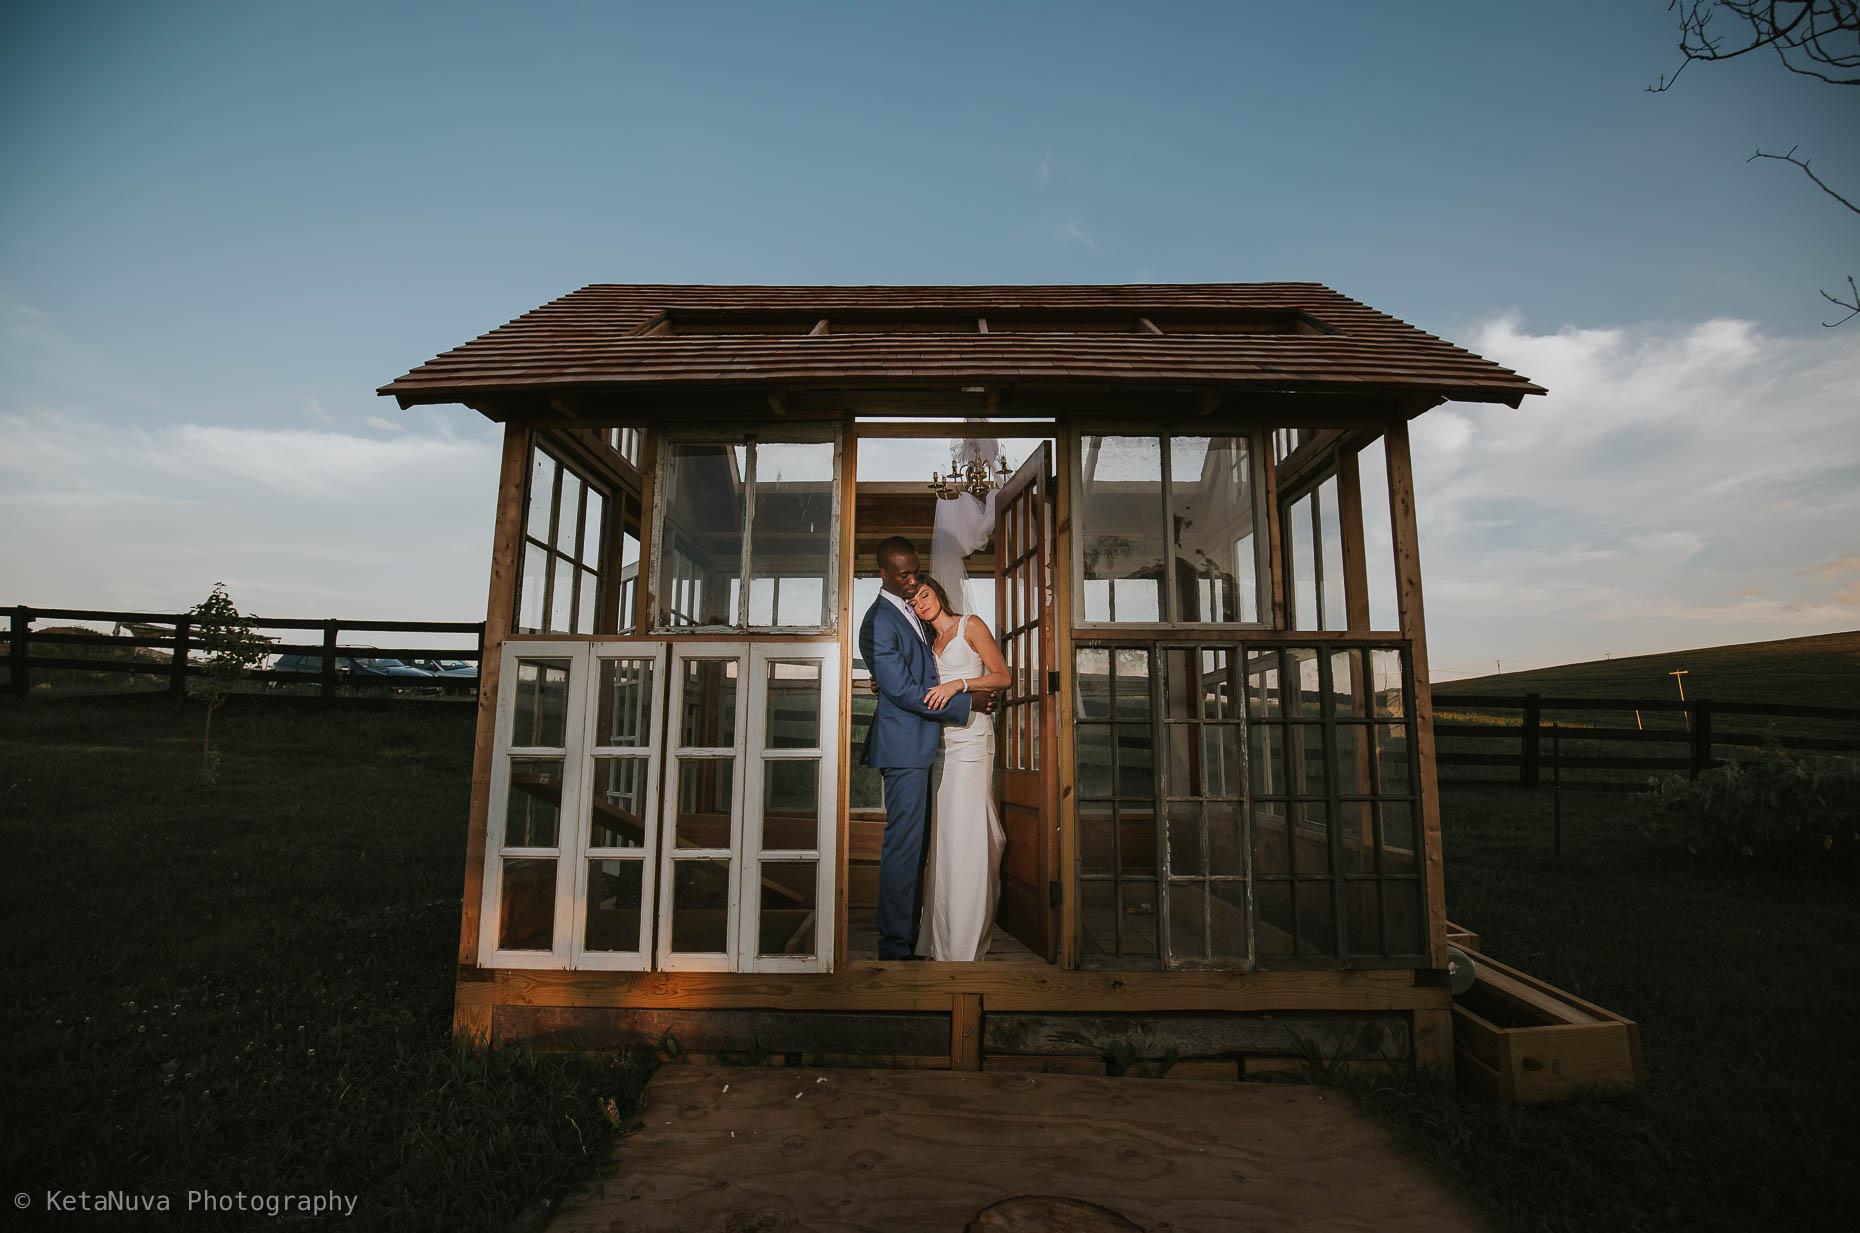 Sunken Garden - Lauxmont Farms Wedding | Aubrey & Barrett Lauxmont Farms Wedding Sunken Garden38